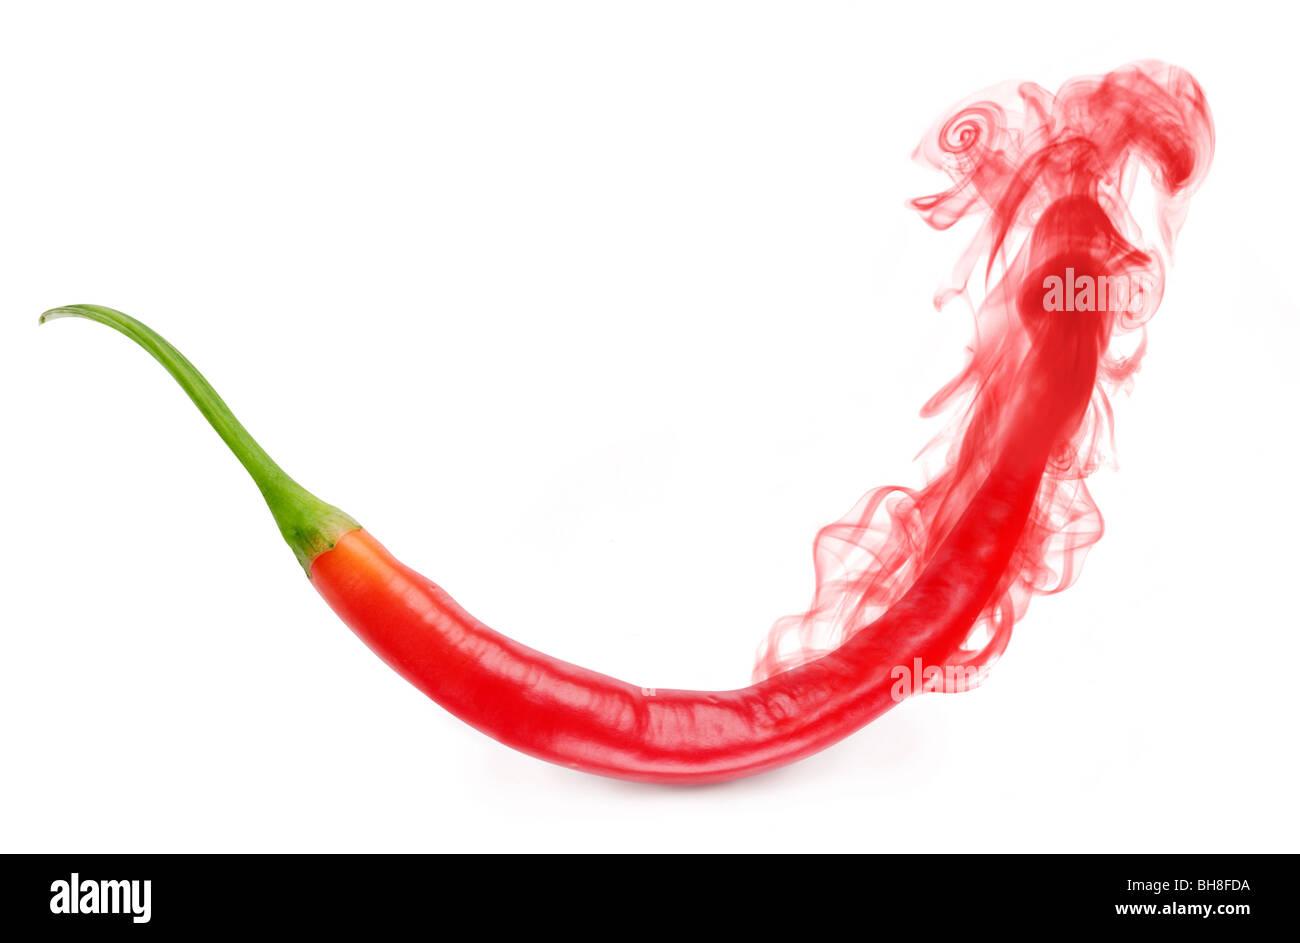 L'arôme de poivron rouge s'évapore sous forme de fumée Photo Stock